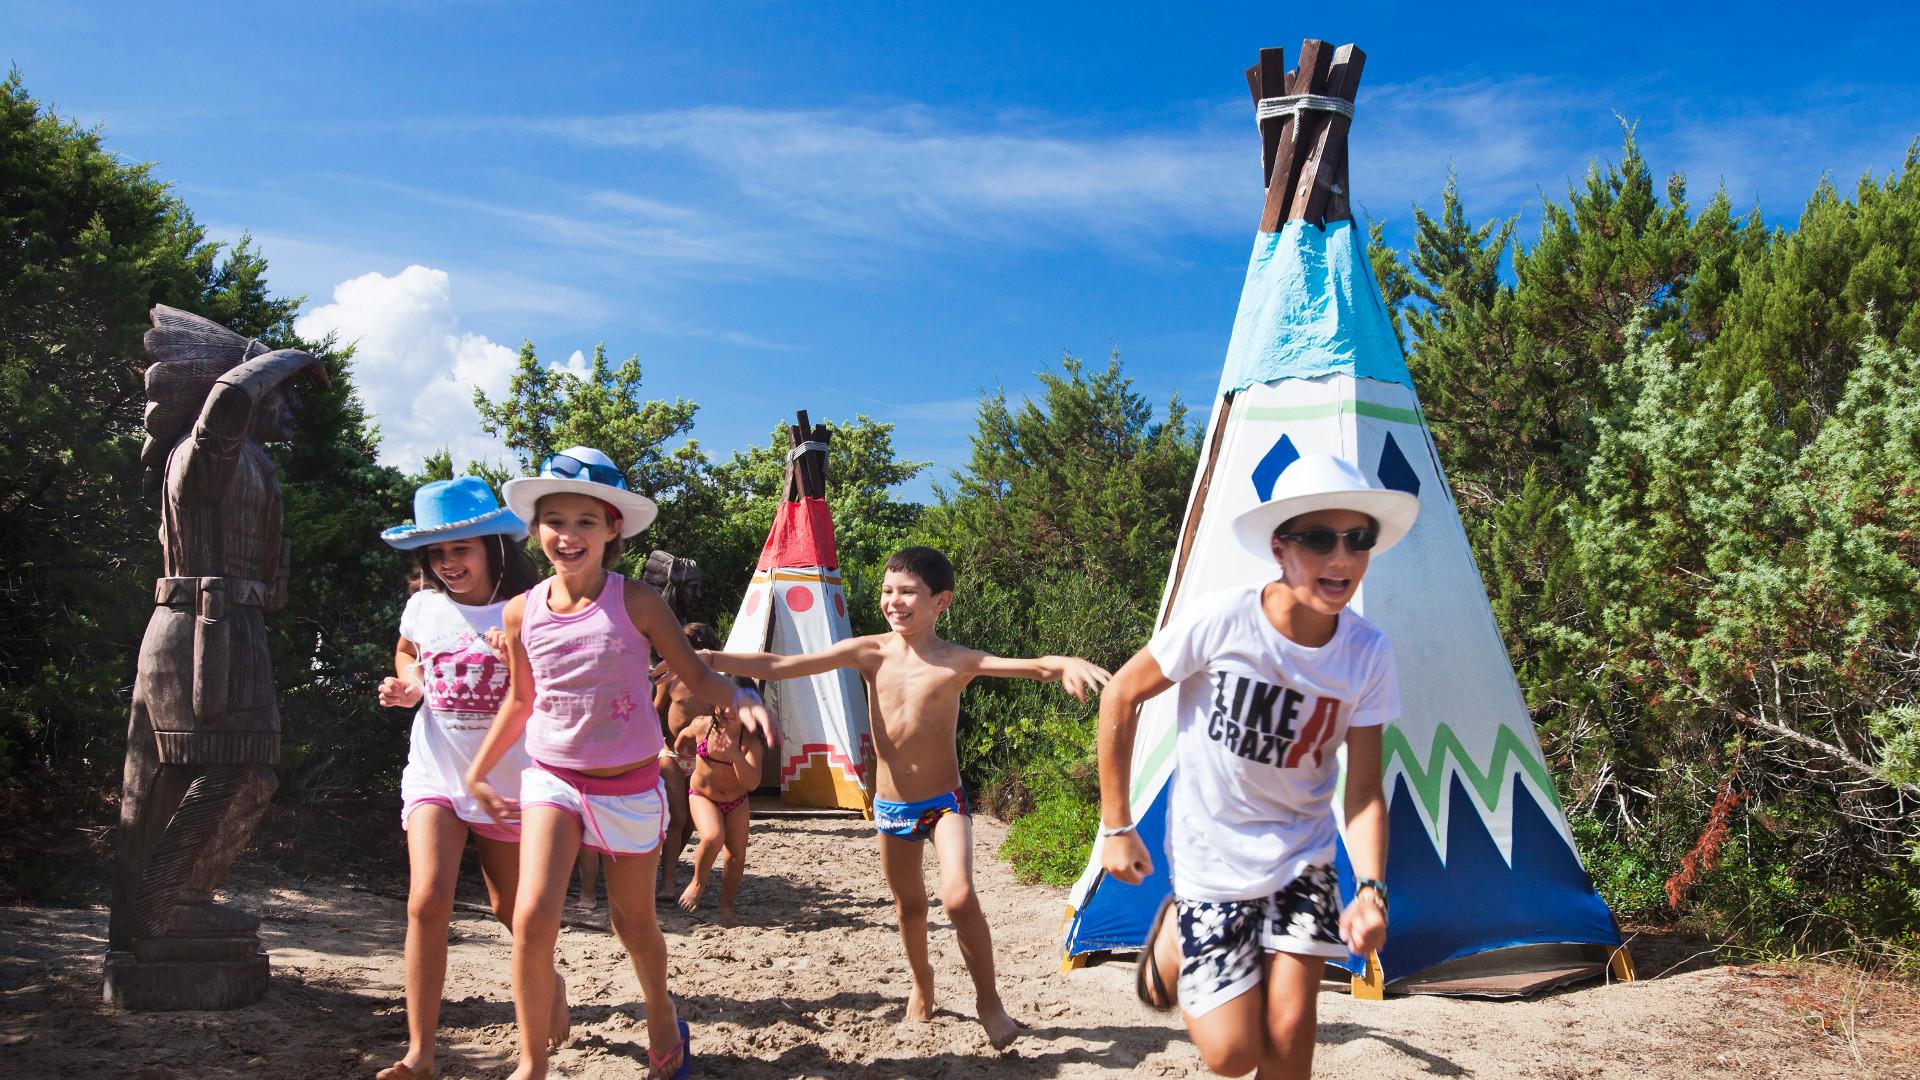 resort-le-dune-slider-resort-per-bambini-badesi-3